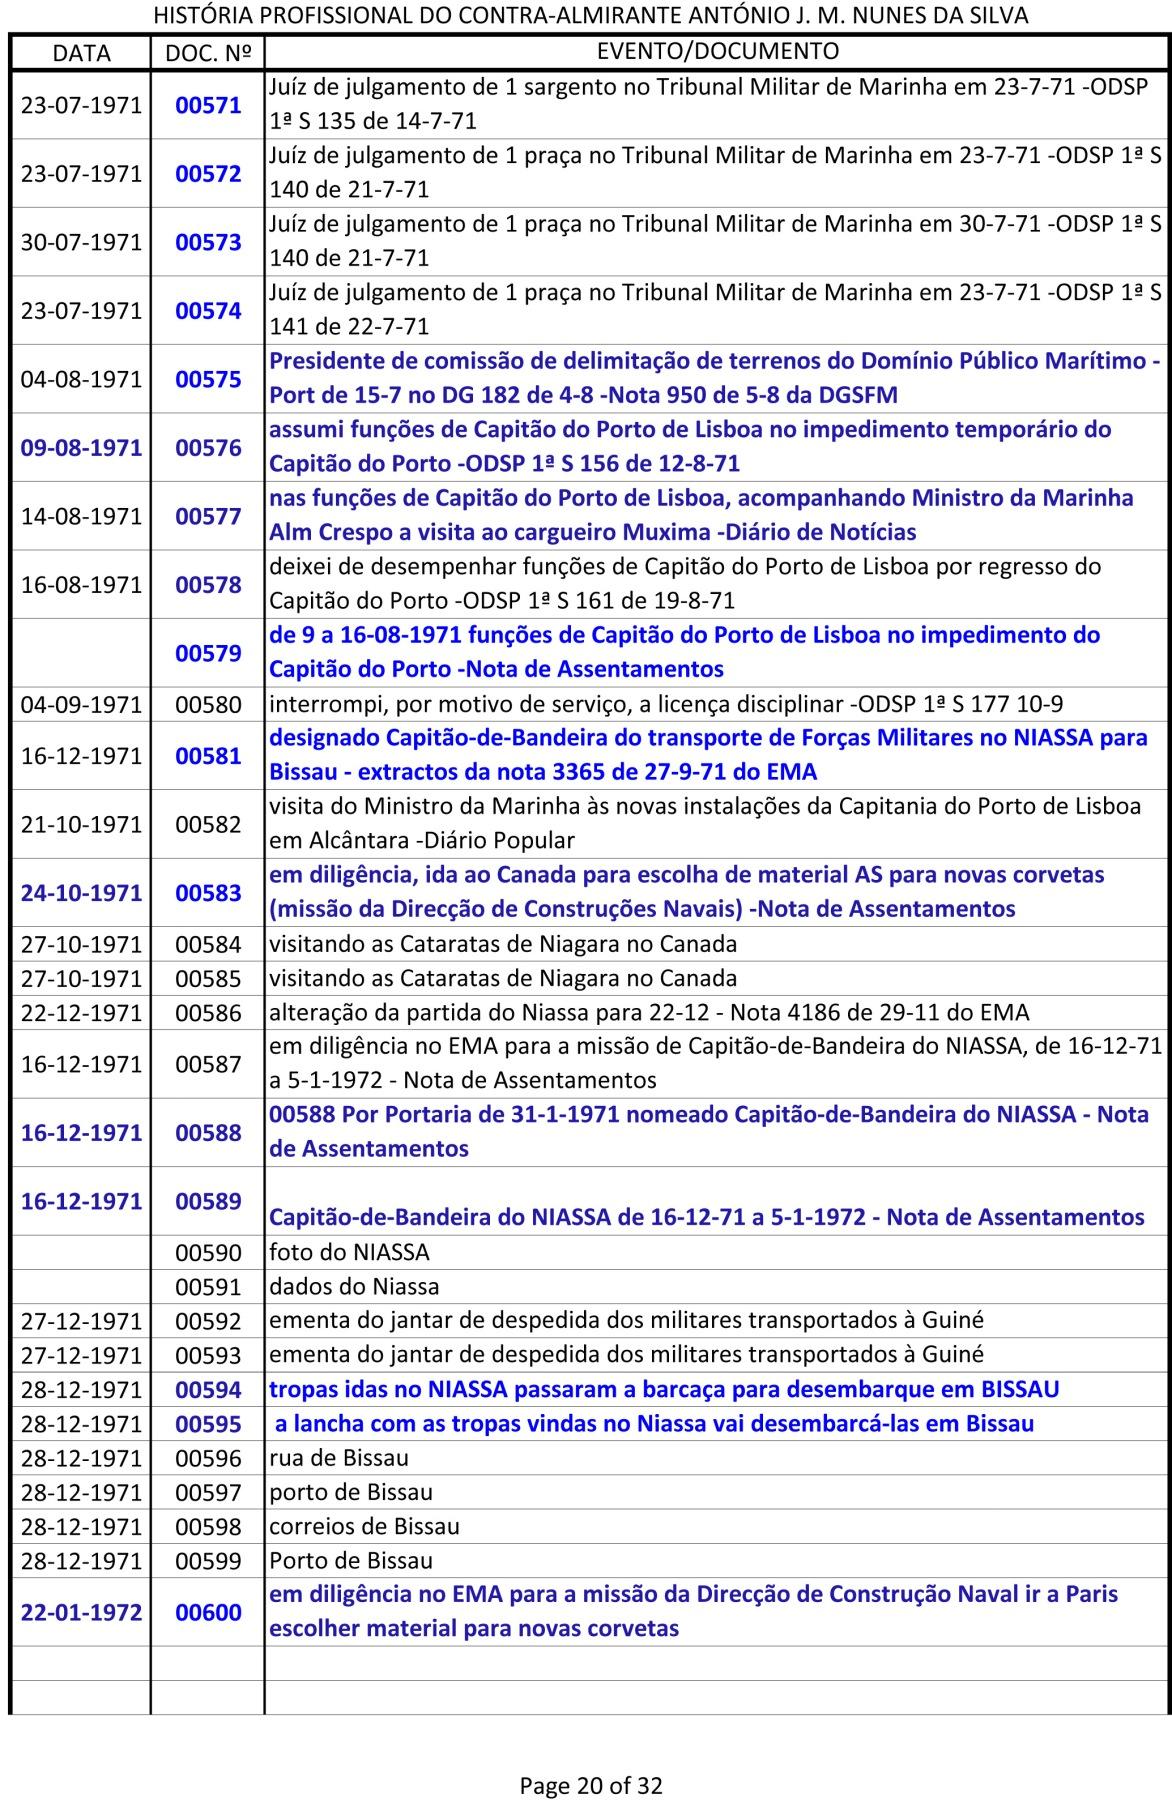 Índice dos documentos da História Profissional do CAlm Nunes da Silva -1943 a 1991-20